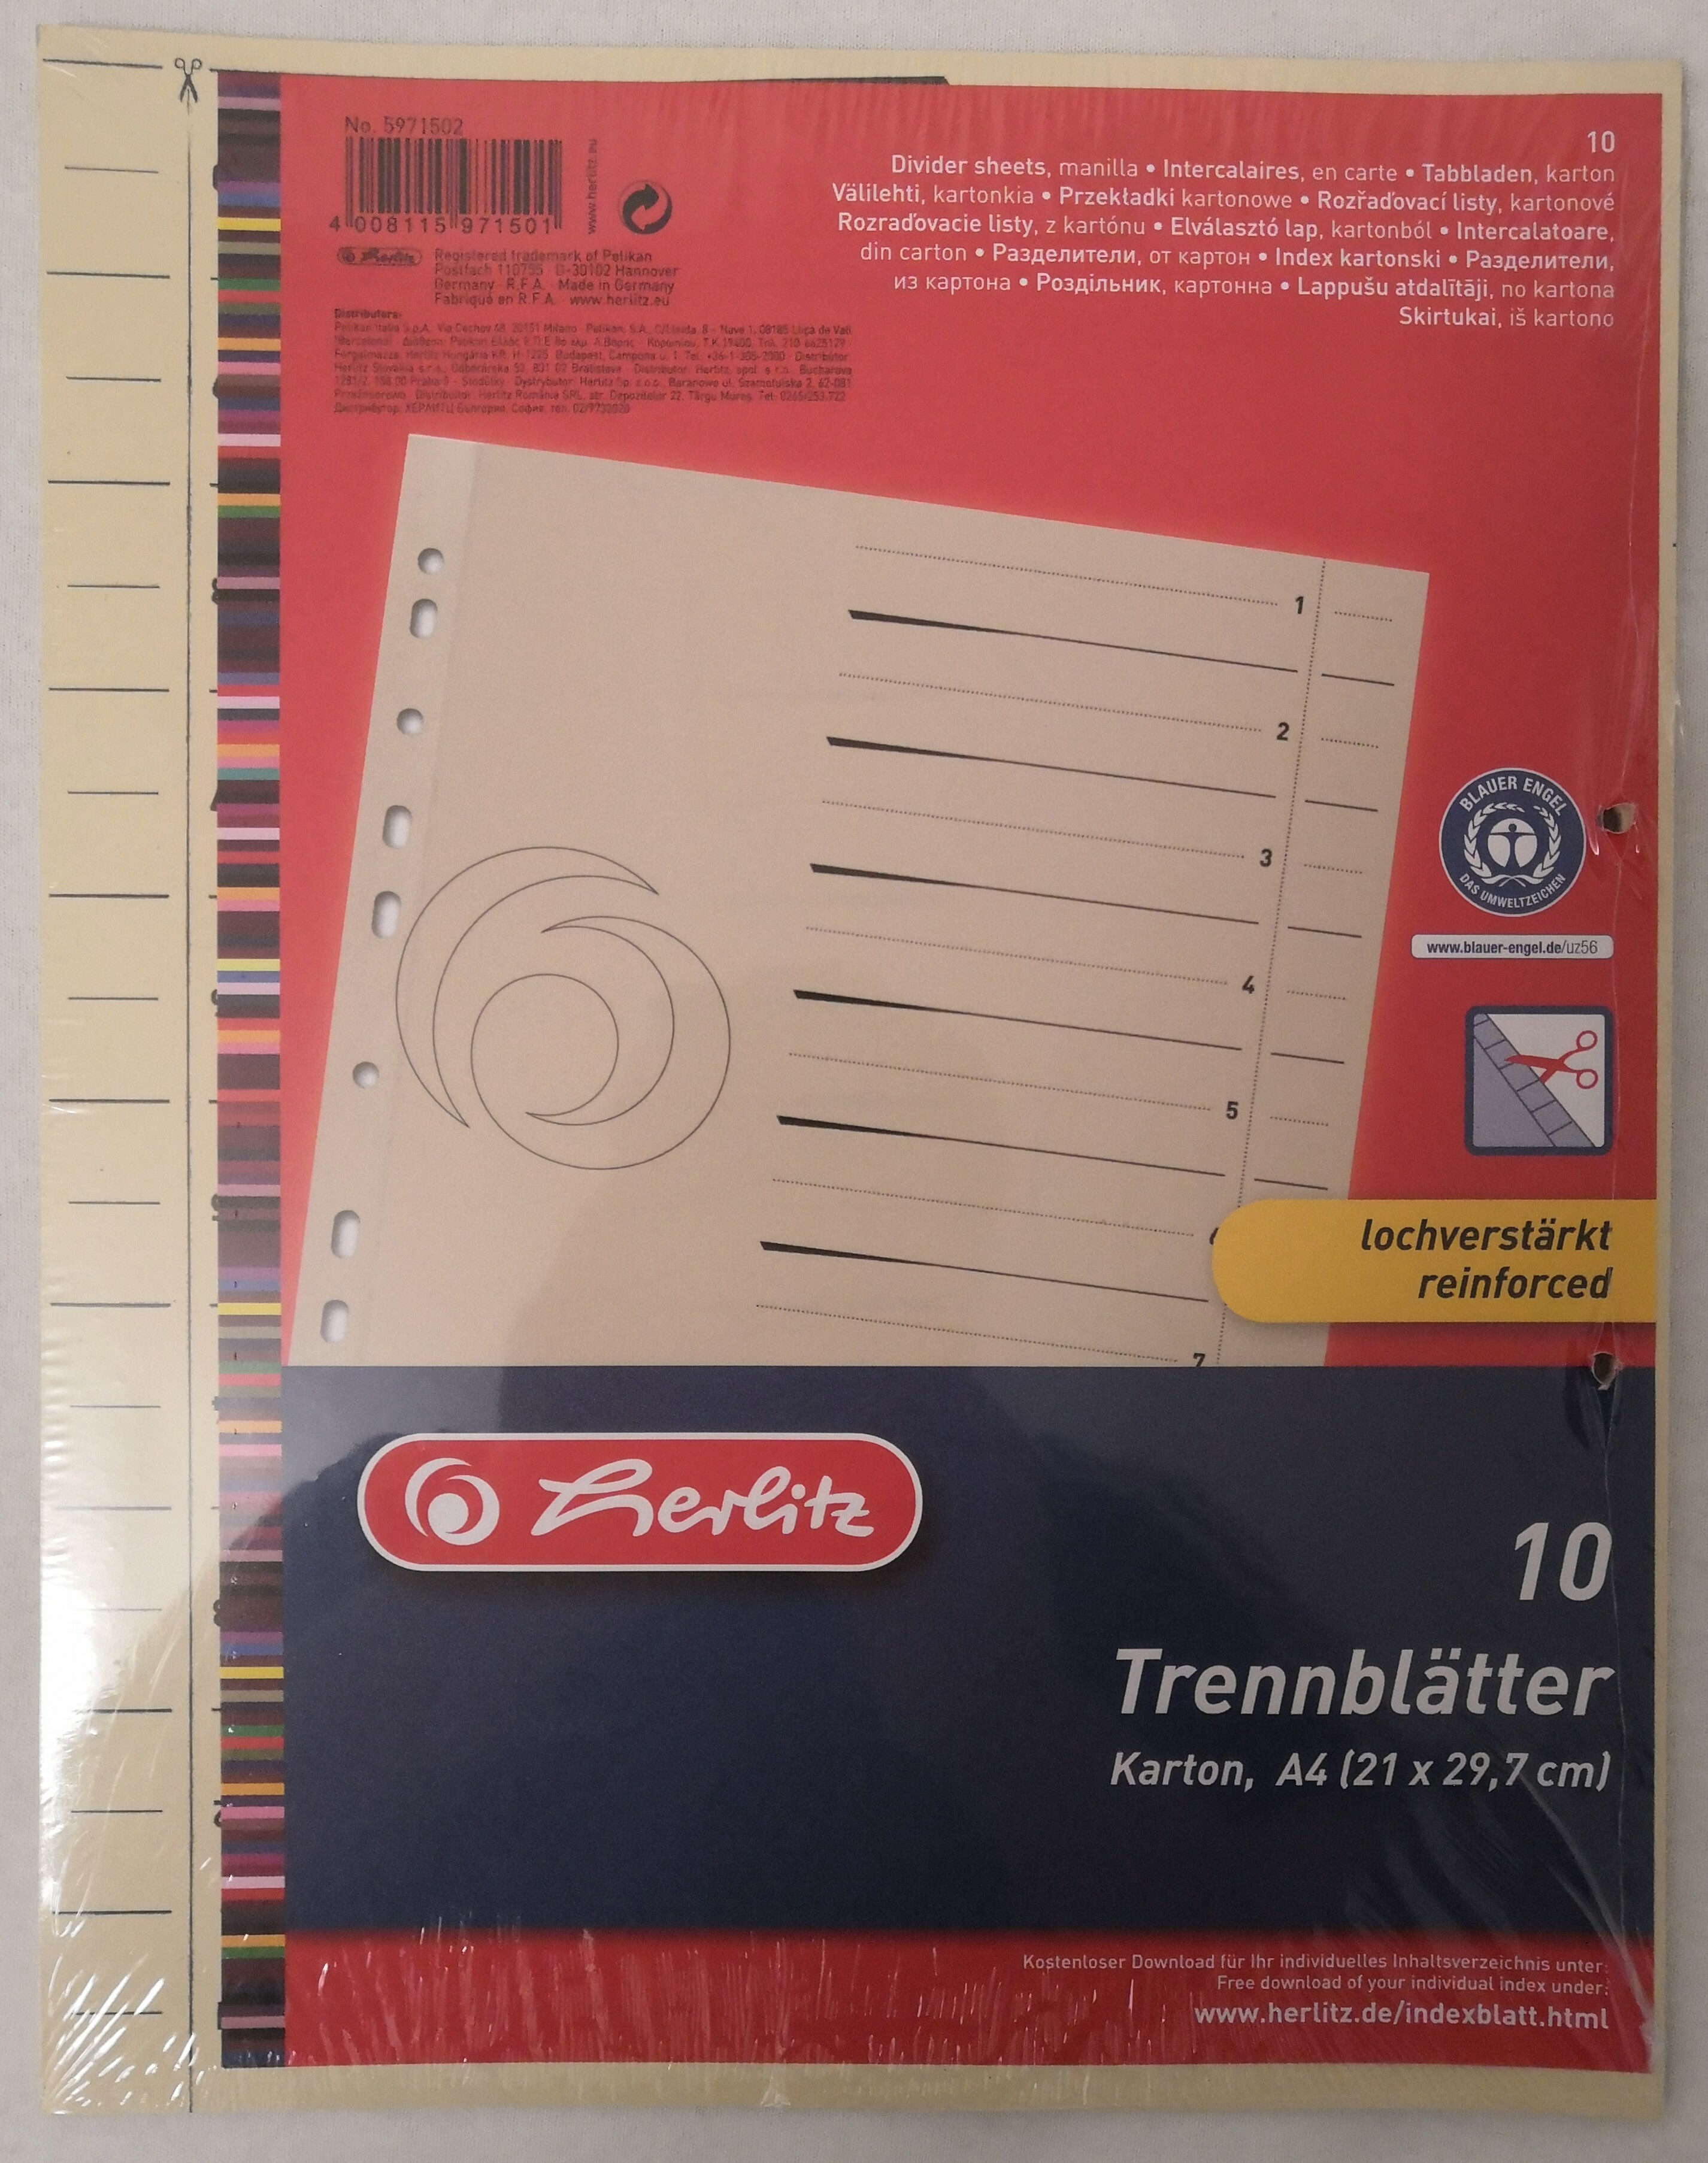 Herlitz Trennblätter, Karton - Product - de